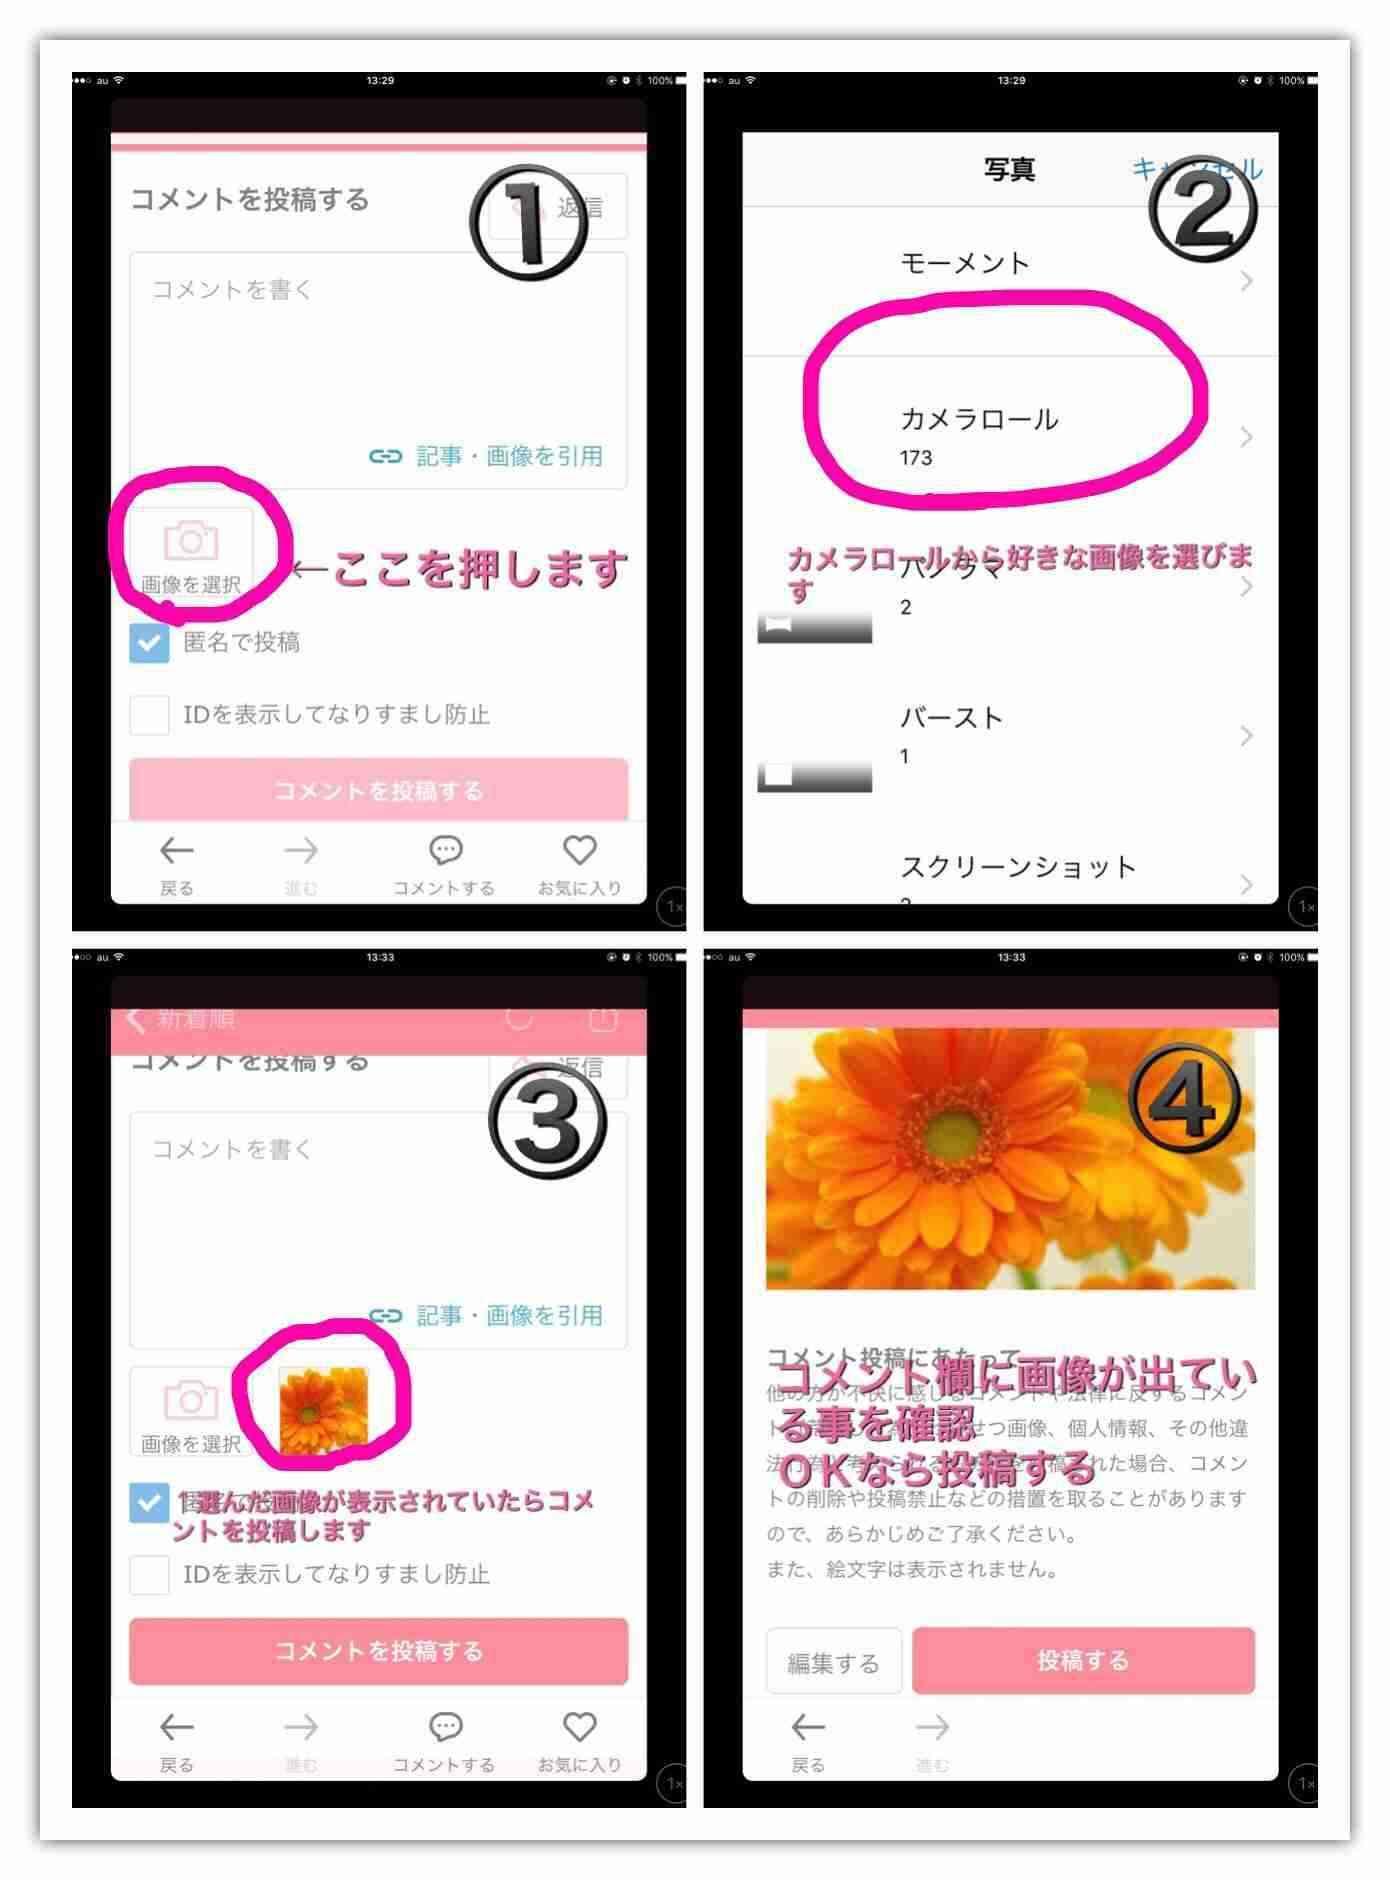 ガルちゃんで画像(サイト)を貼り付ける方法&練習Part18